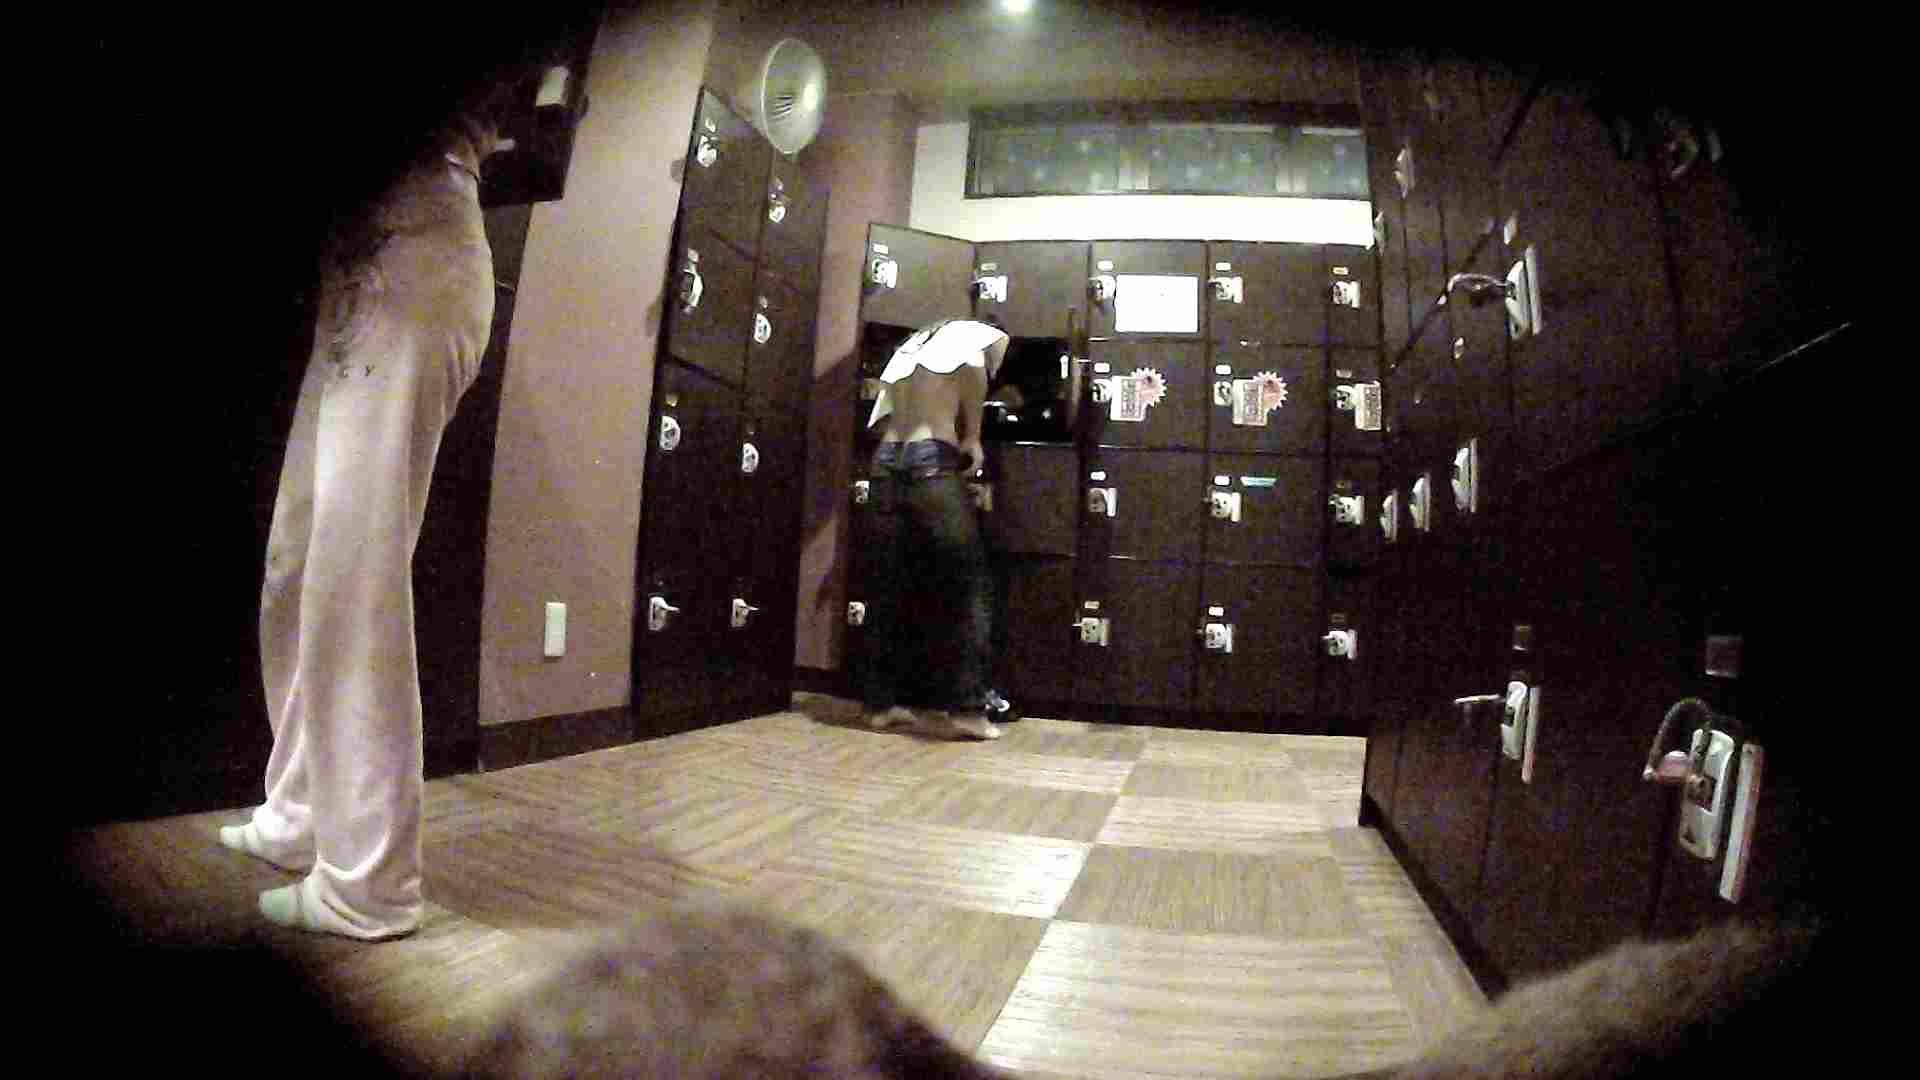 オムニバスVol.5 脱衣所のイケイケギャルがお勧め ギャル盗撮映像  97PIX 35